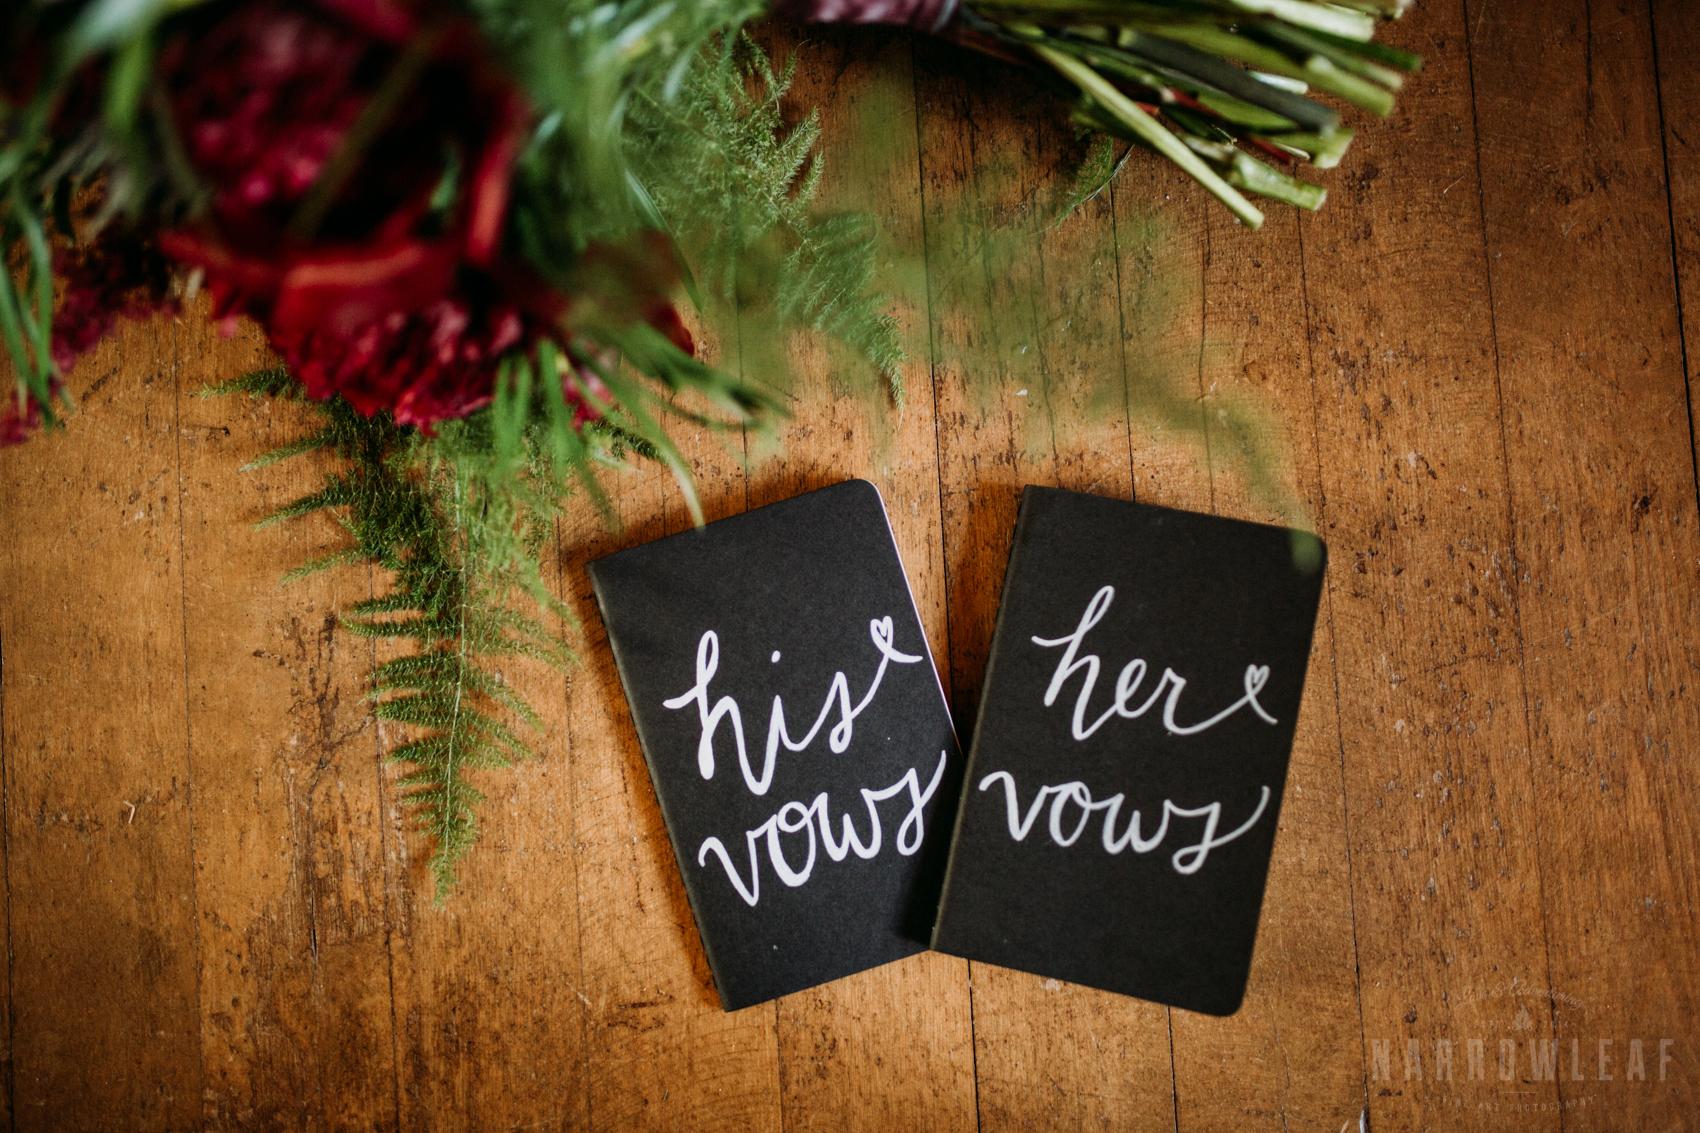 bayfield-wi-handwritten-wedding-vow-books-black-24.jpg